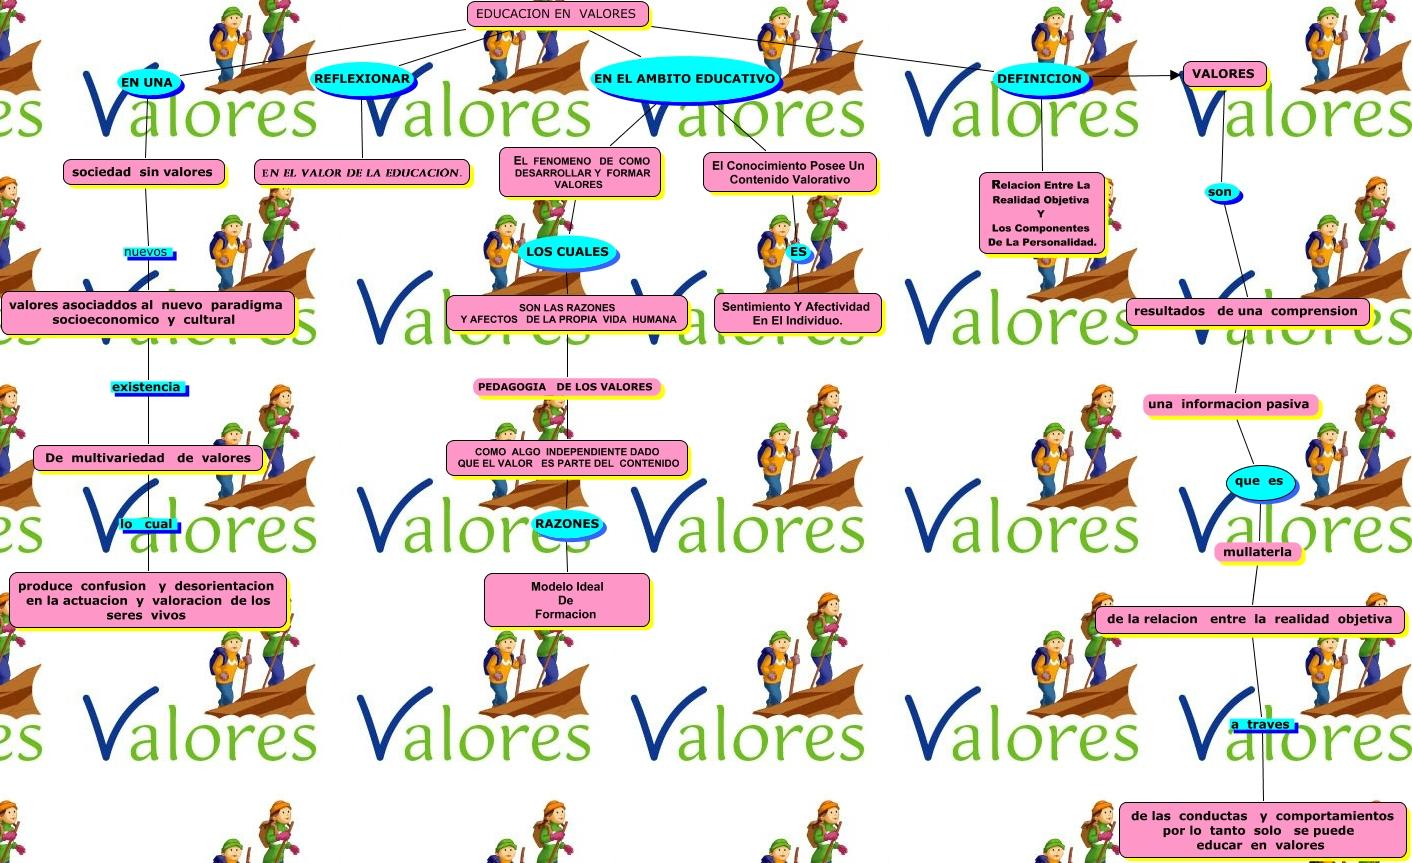 EDUCACION EN VALORES.cmap